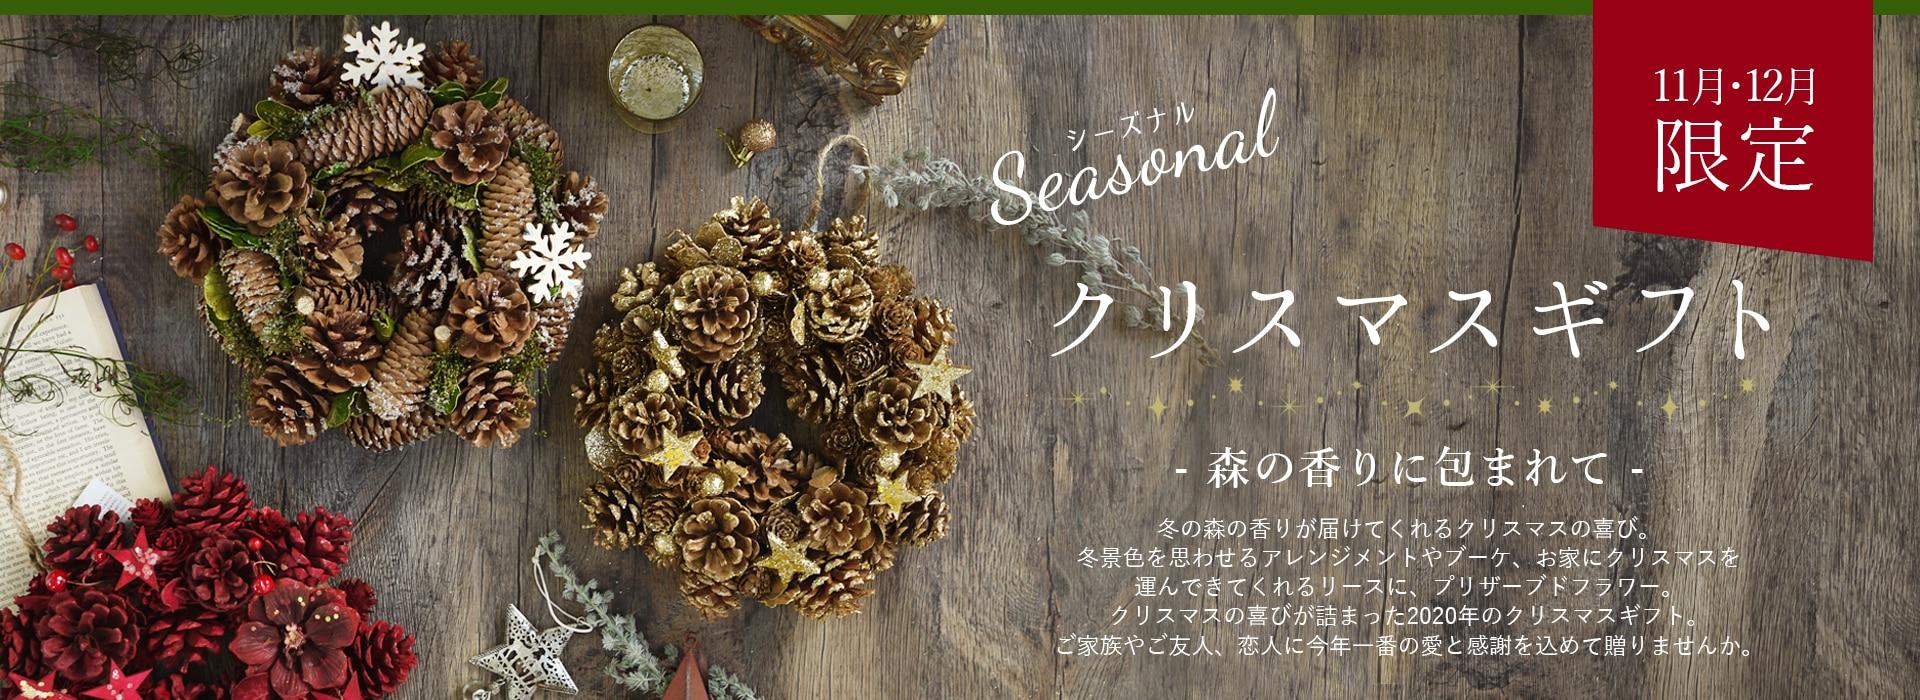 シーズナル, 季節のお花, クリスマス